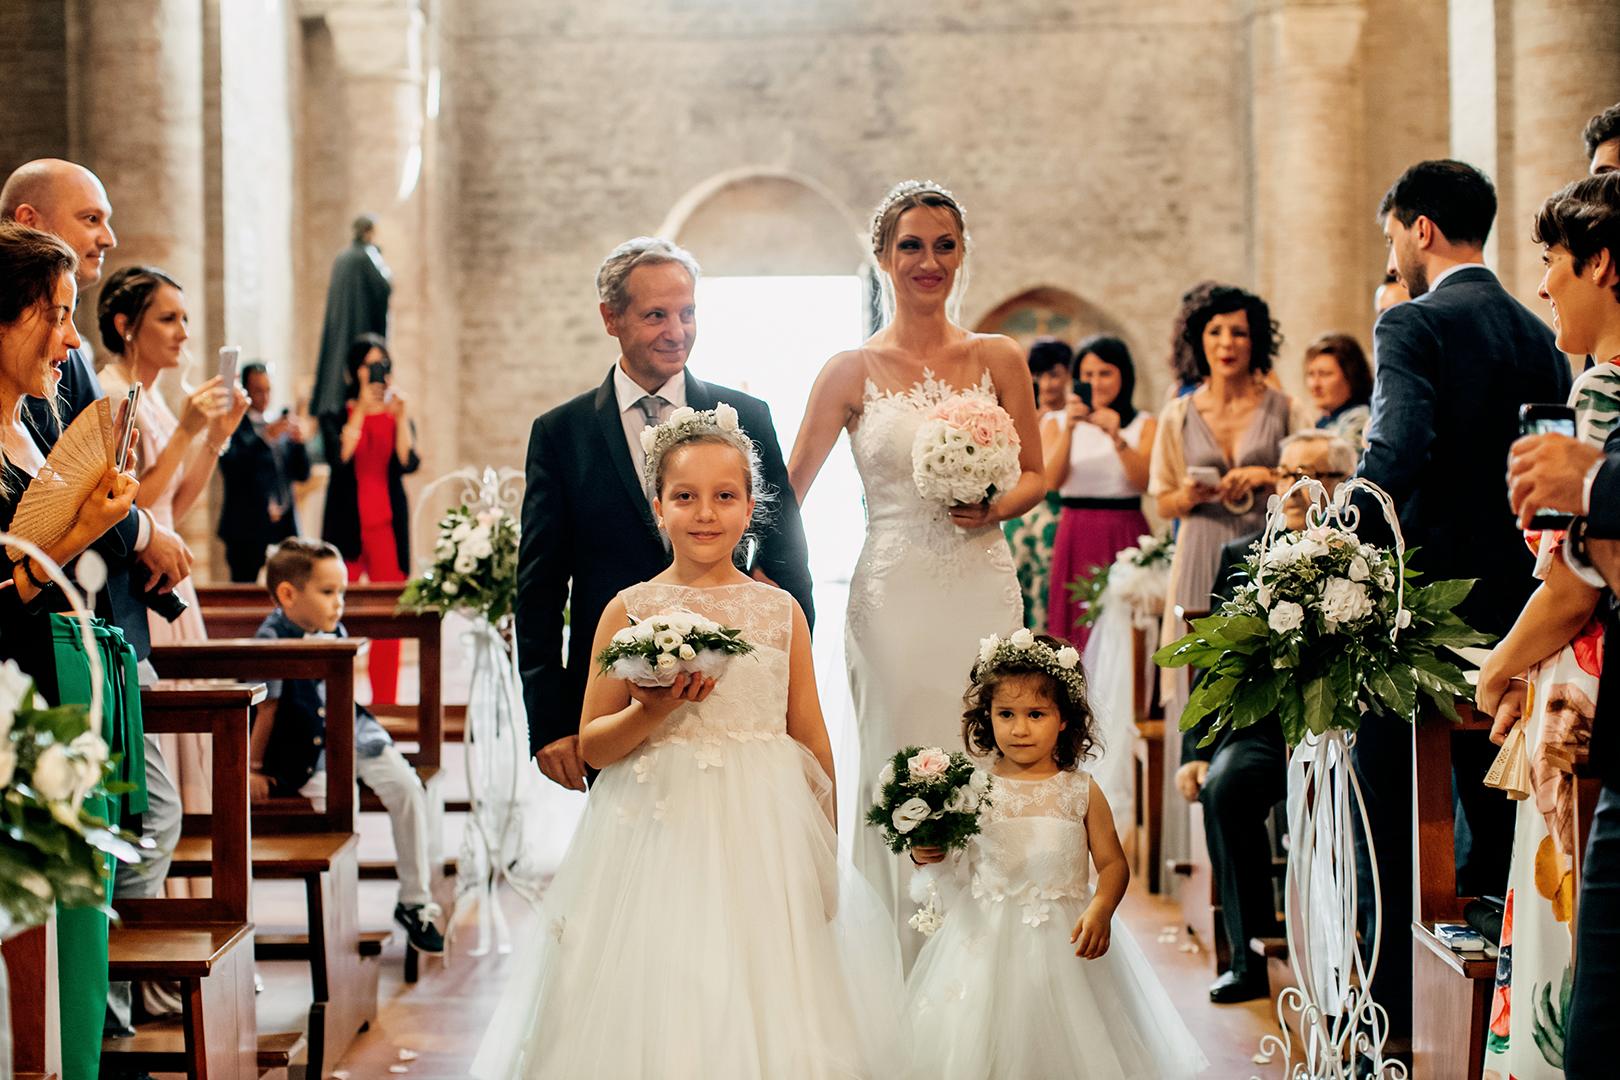 27 gianni-lepore-fotografo-matrimonio-sposa-bride-papà-entrata-chiesa-silvi